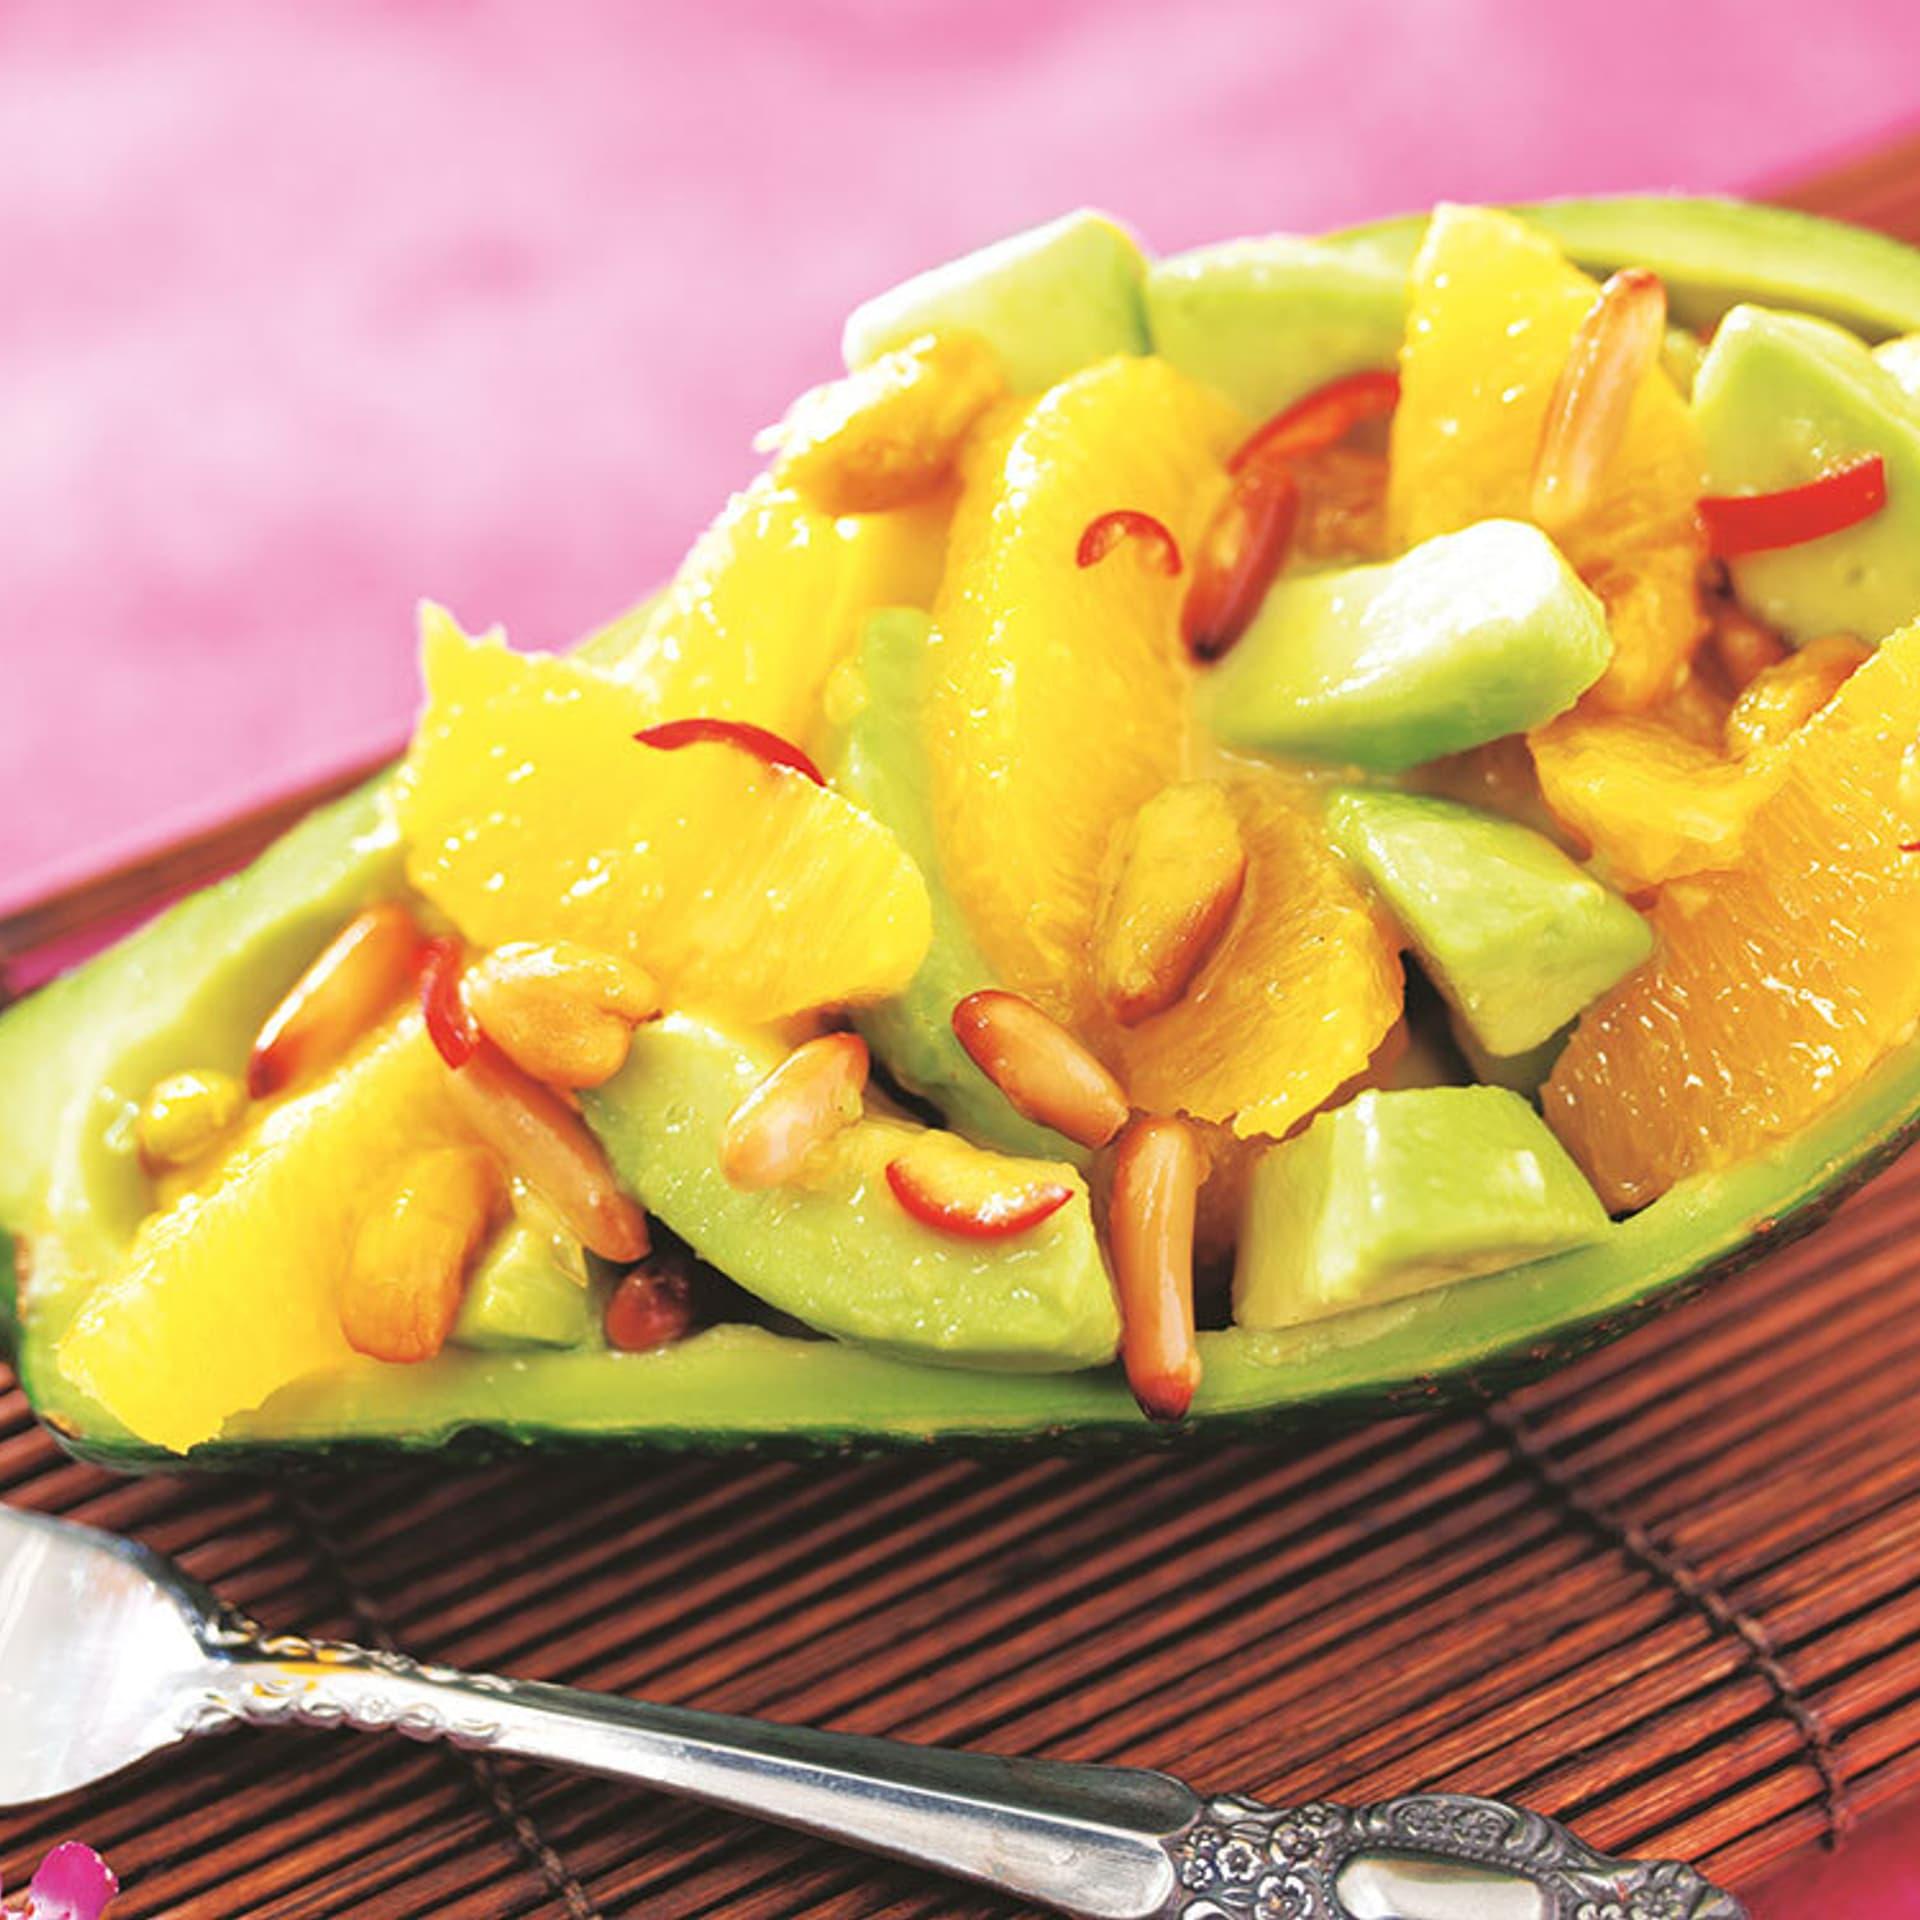 Ein Avocadoschiffen gefüllt mit Orangen und Nüssen